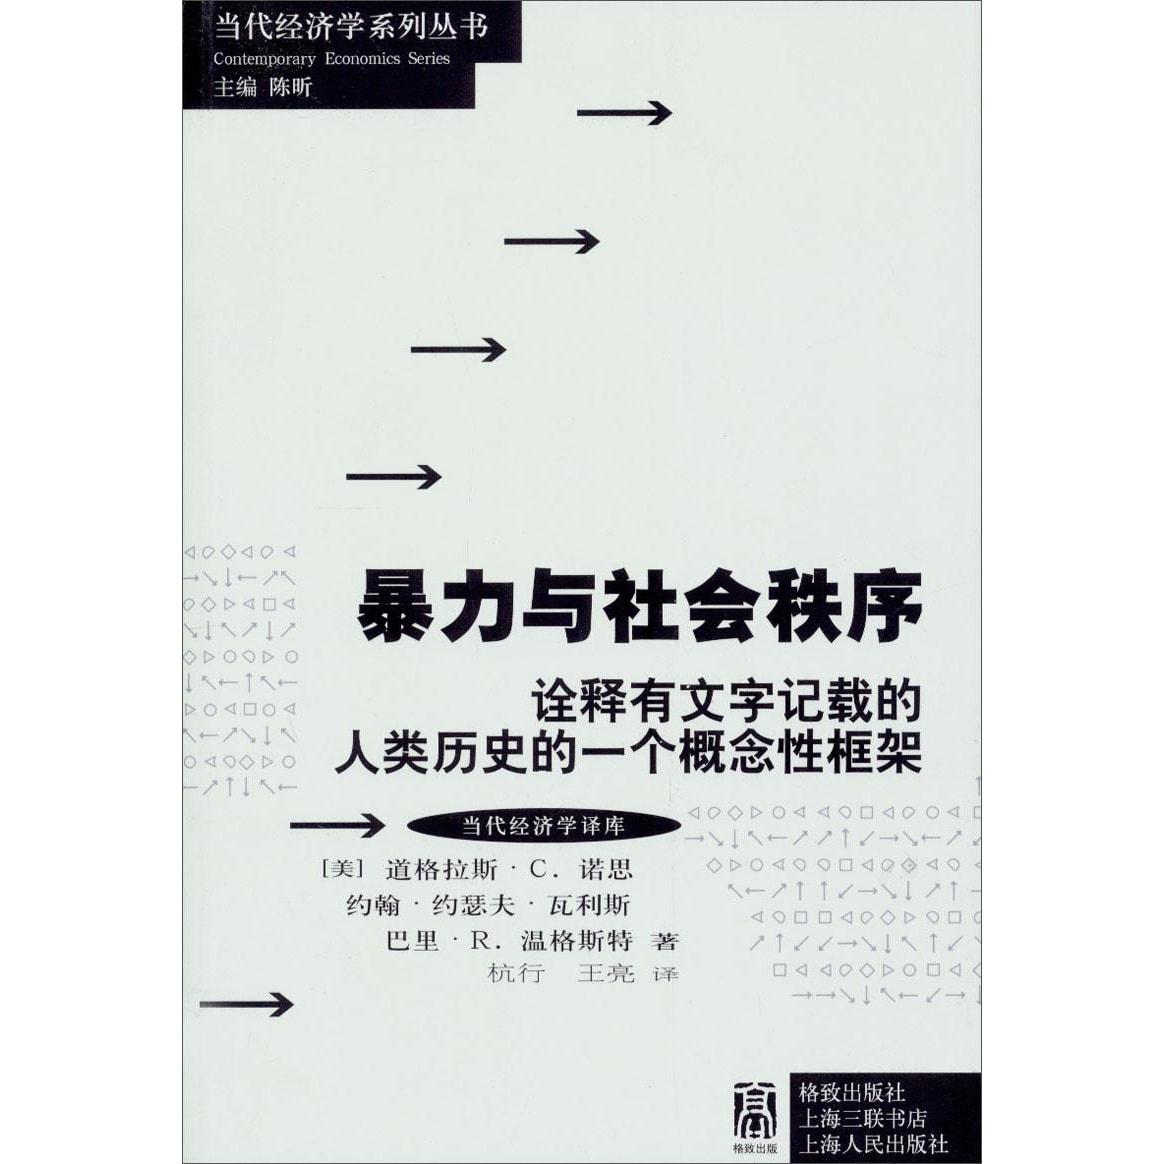 当代经济学系列丛书·当代经济学译库:暴力与社会秩序·诠释有文字记载的人类历史的一个概念性框架 怎么样 - 亚米网